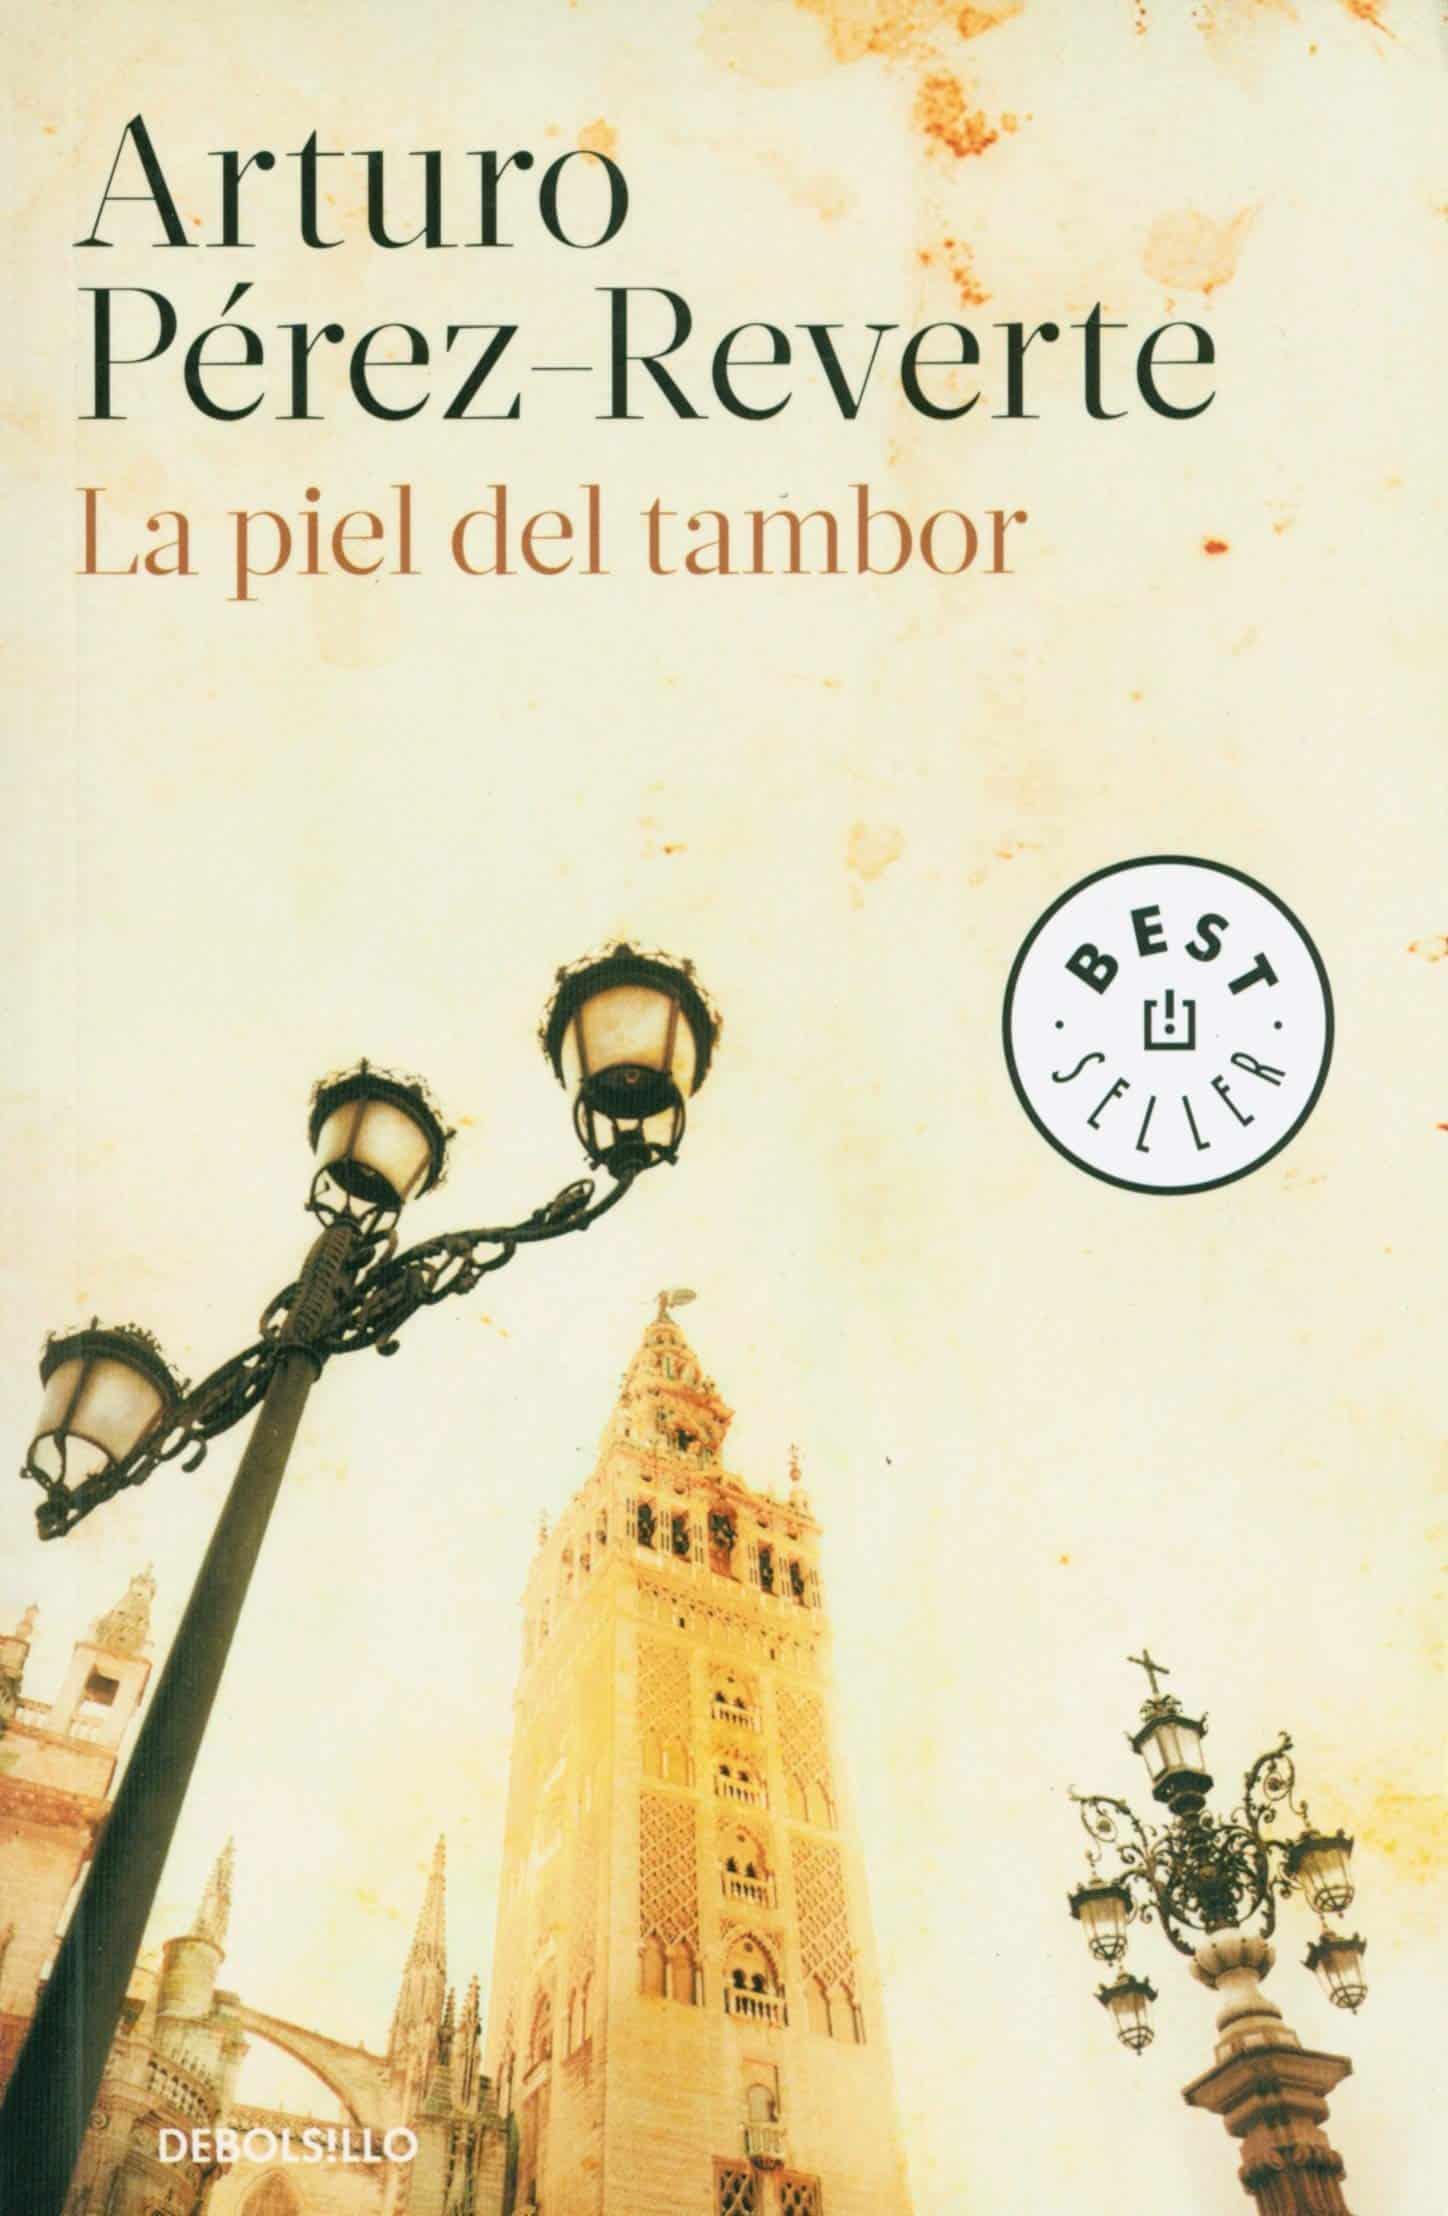 """Portada del libro """"La piel del tambor"""" de Arturo Pérez- Reverte"""""""